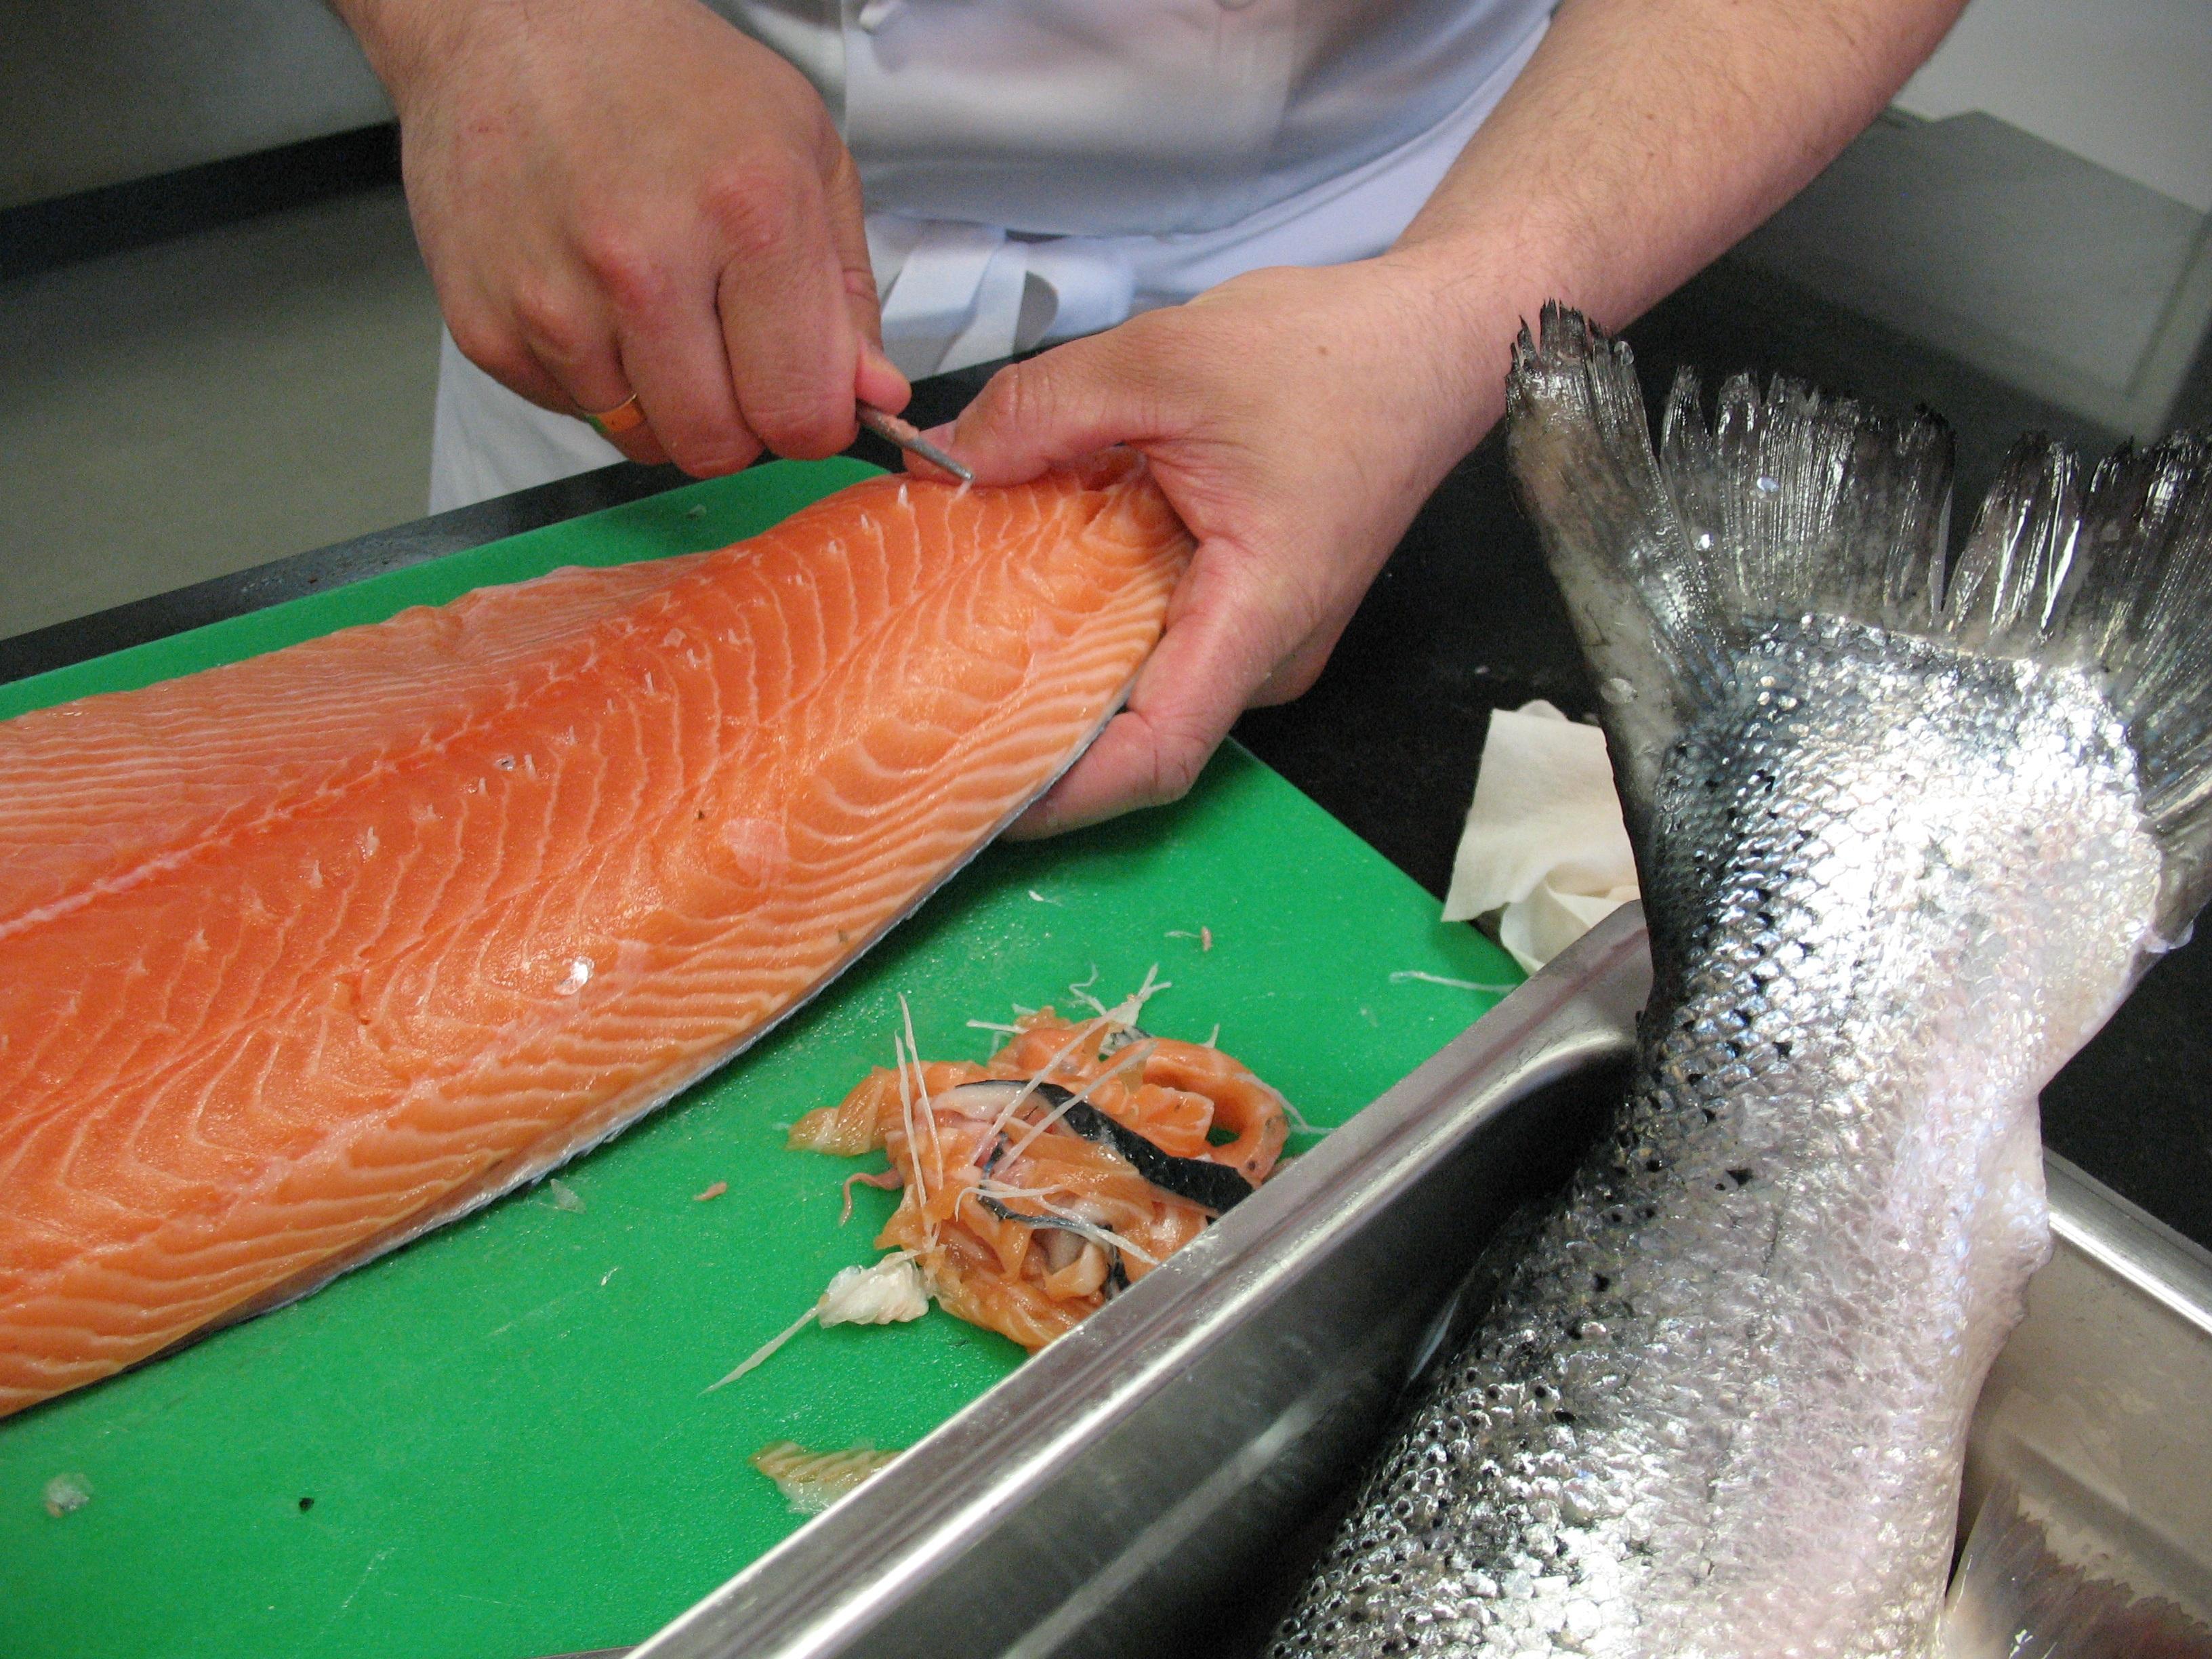 Fotos gratis cocinar vertebrado salm n noruega Cocinar ortigas de mar